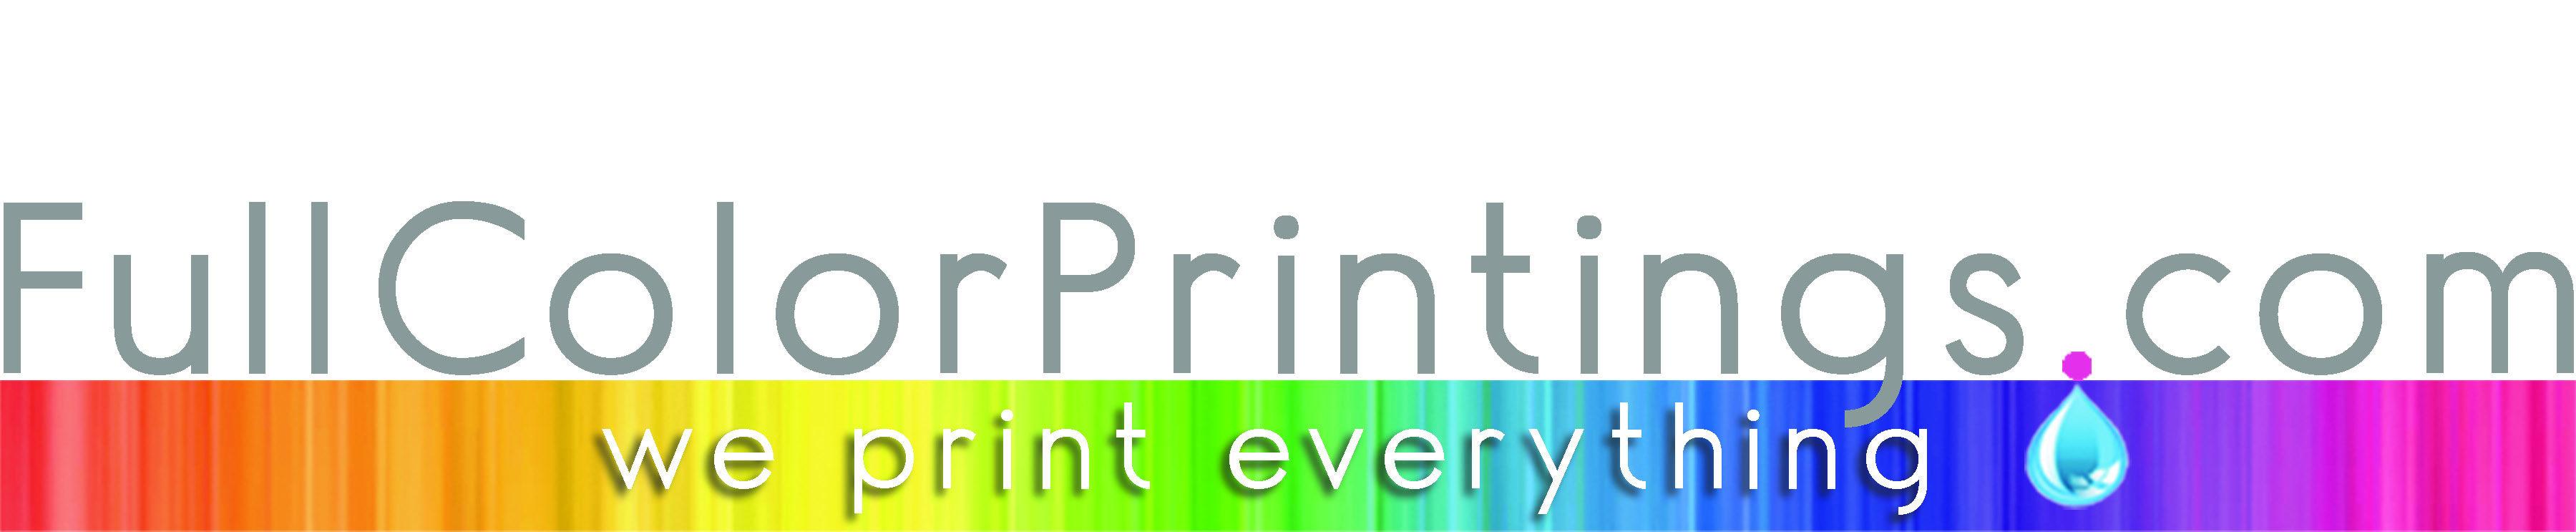 Fullcolorprintings logo  vector